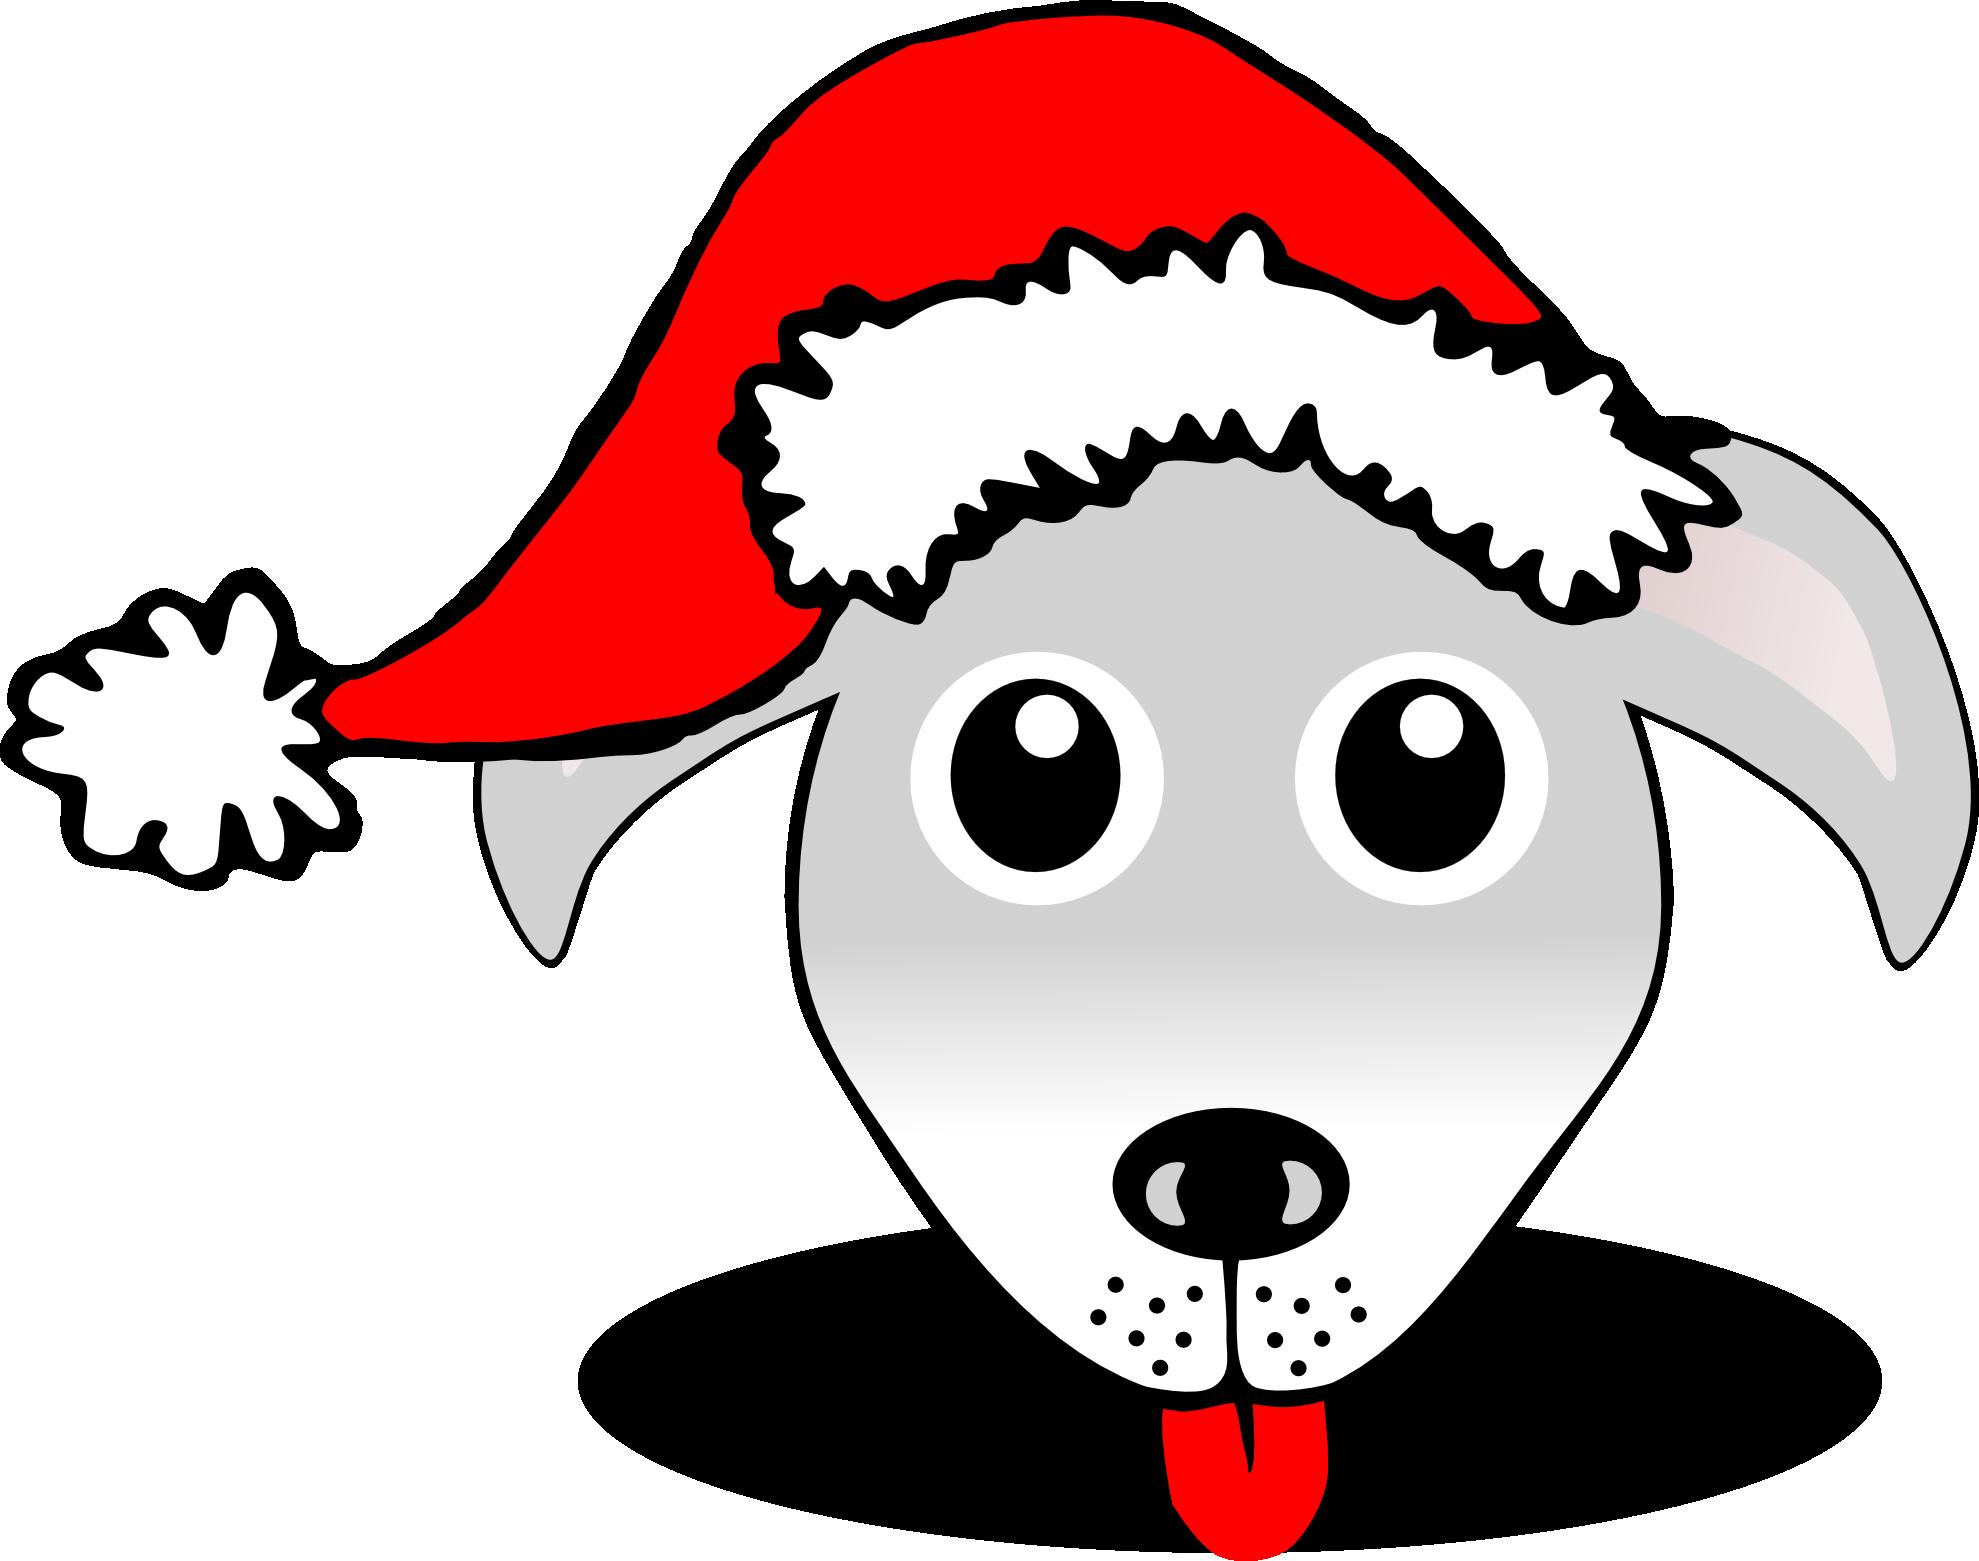 Clip Art: Palomaironique Dog Face Cartoon Grey